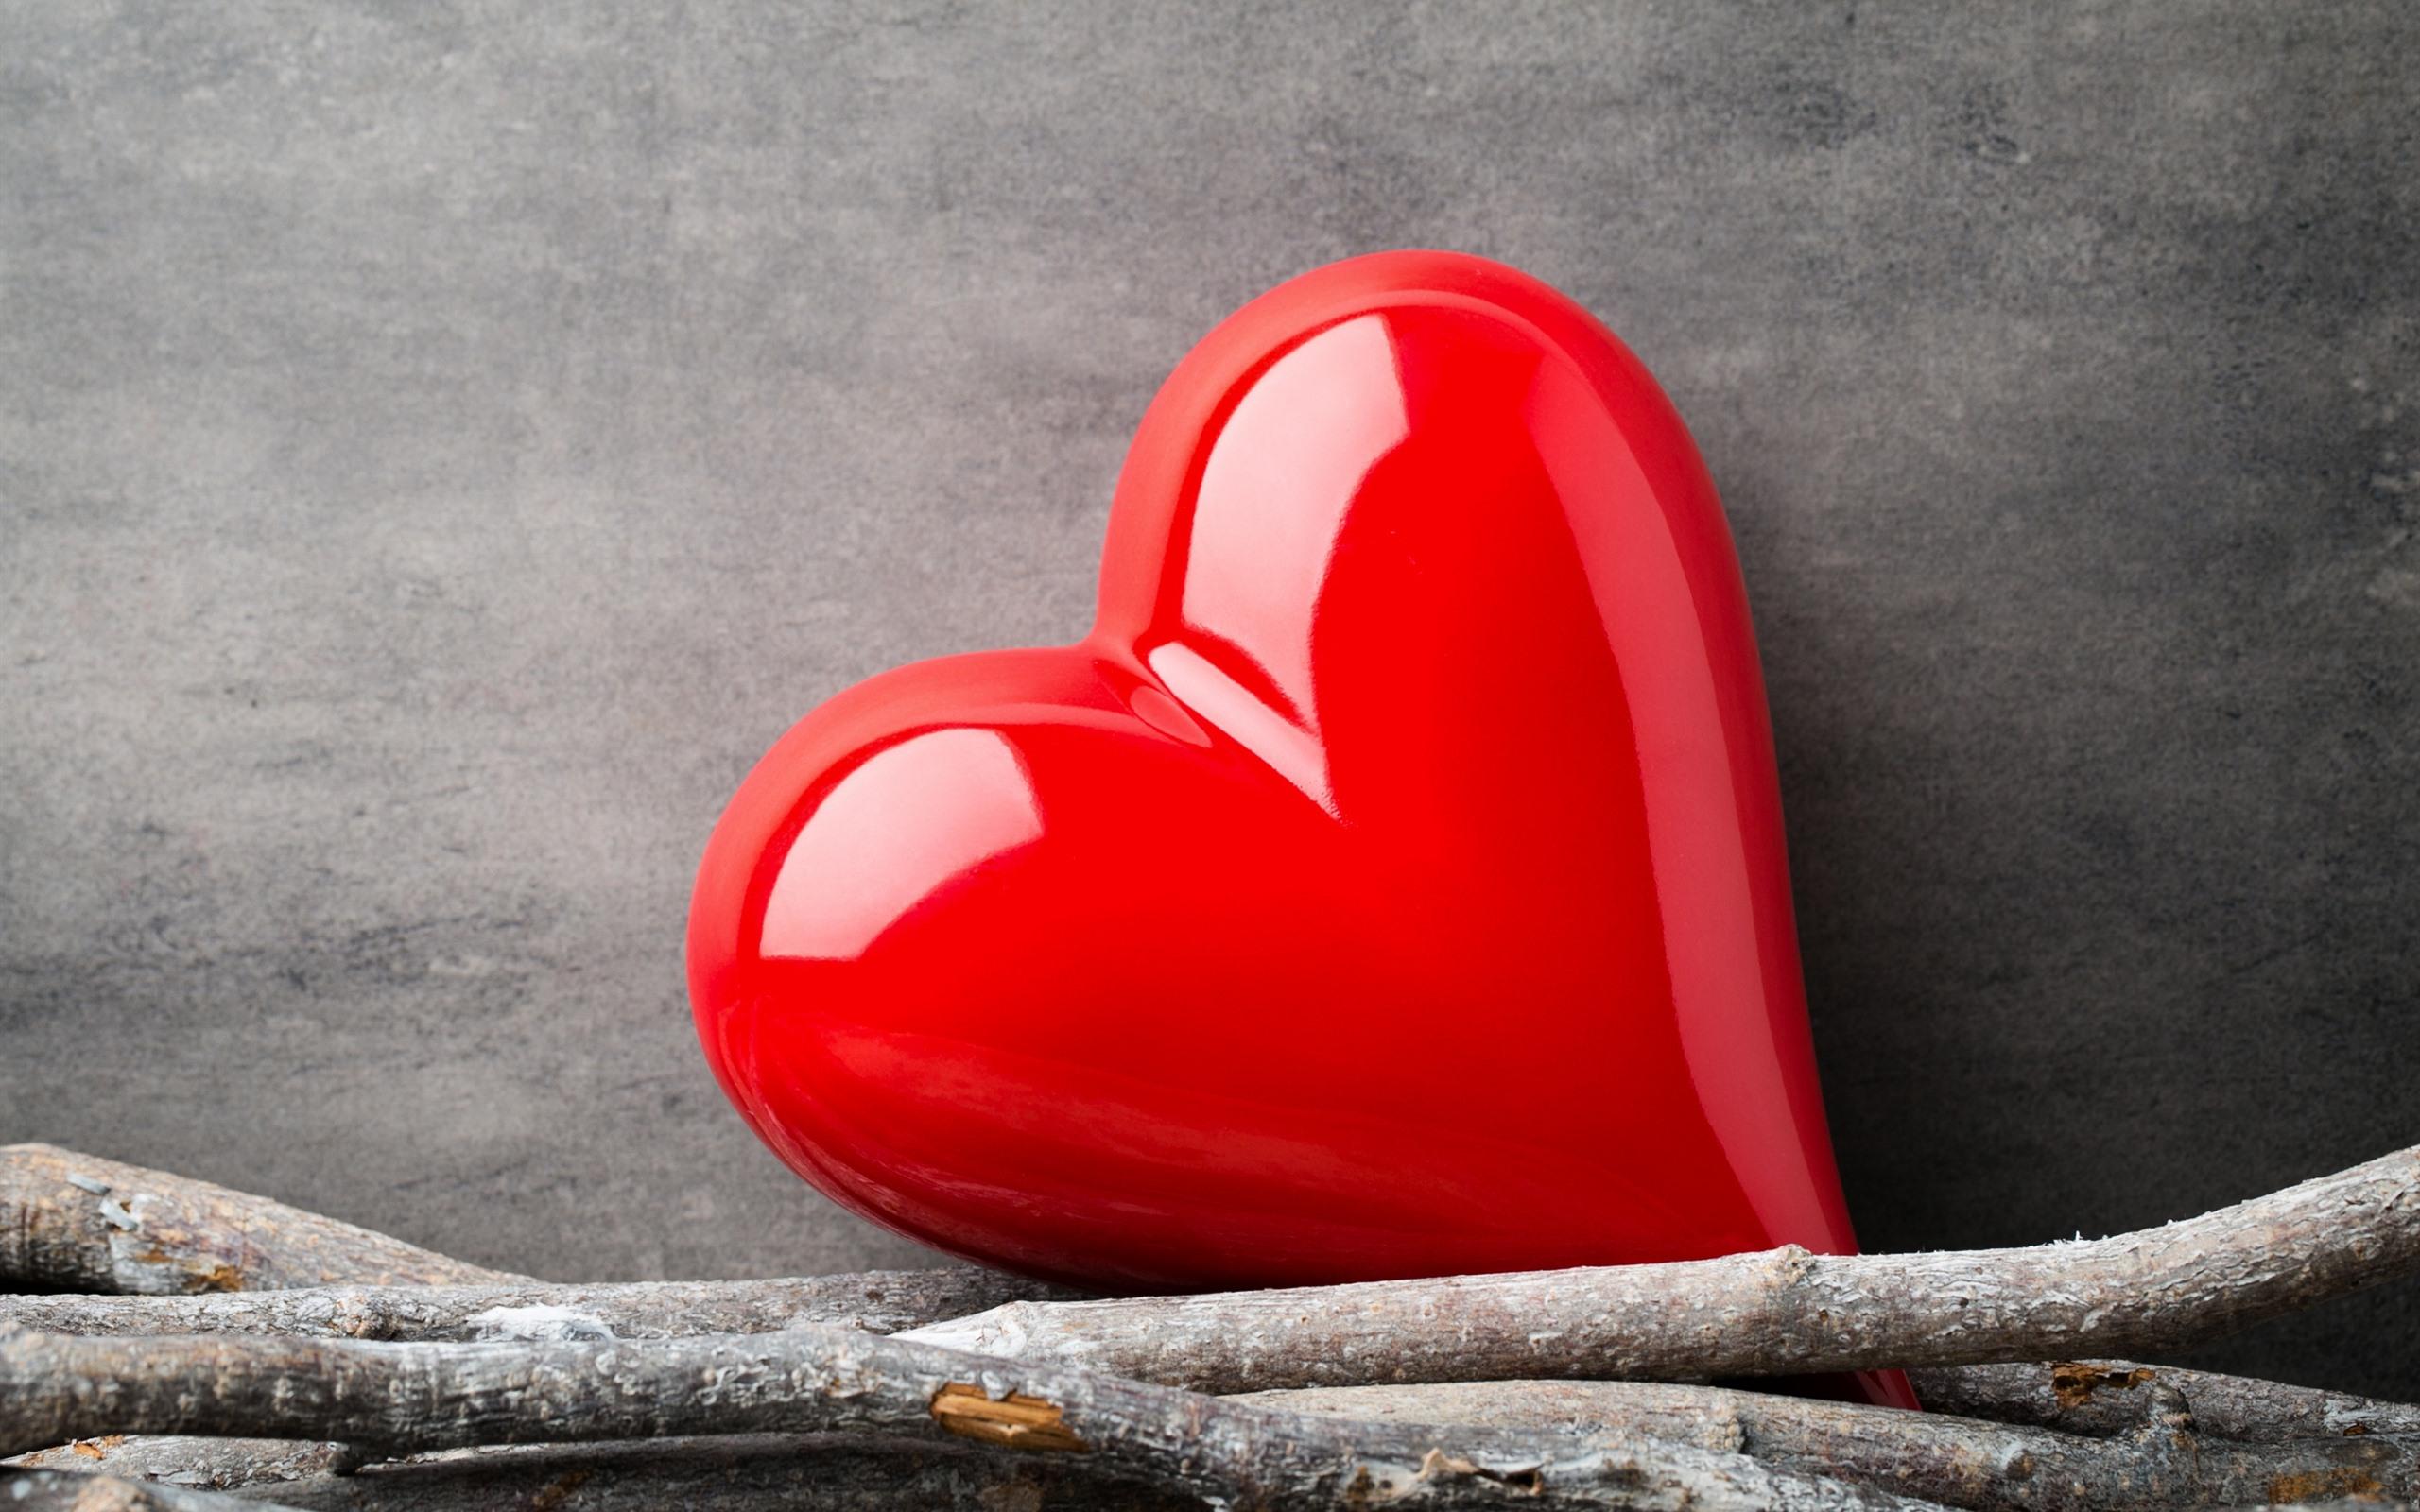 Fonds Décran Un Coeur Damour Rouge 2560x1600 Hd Image